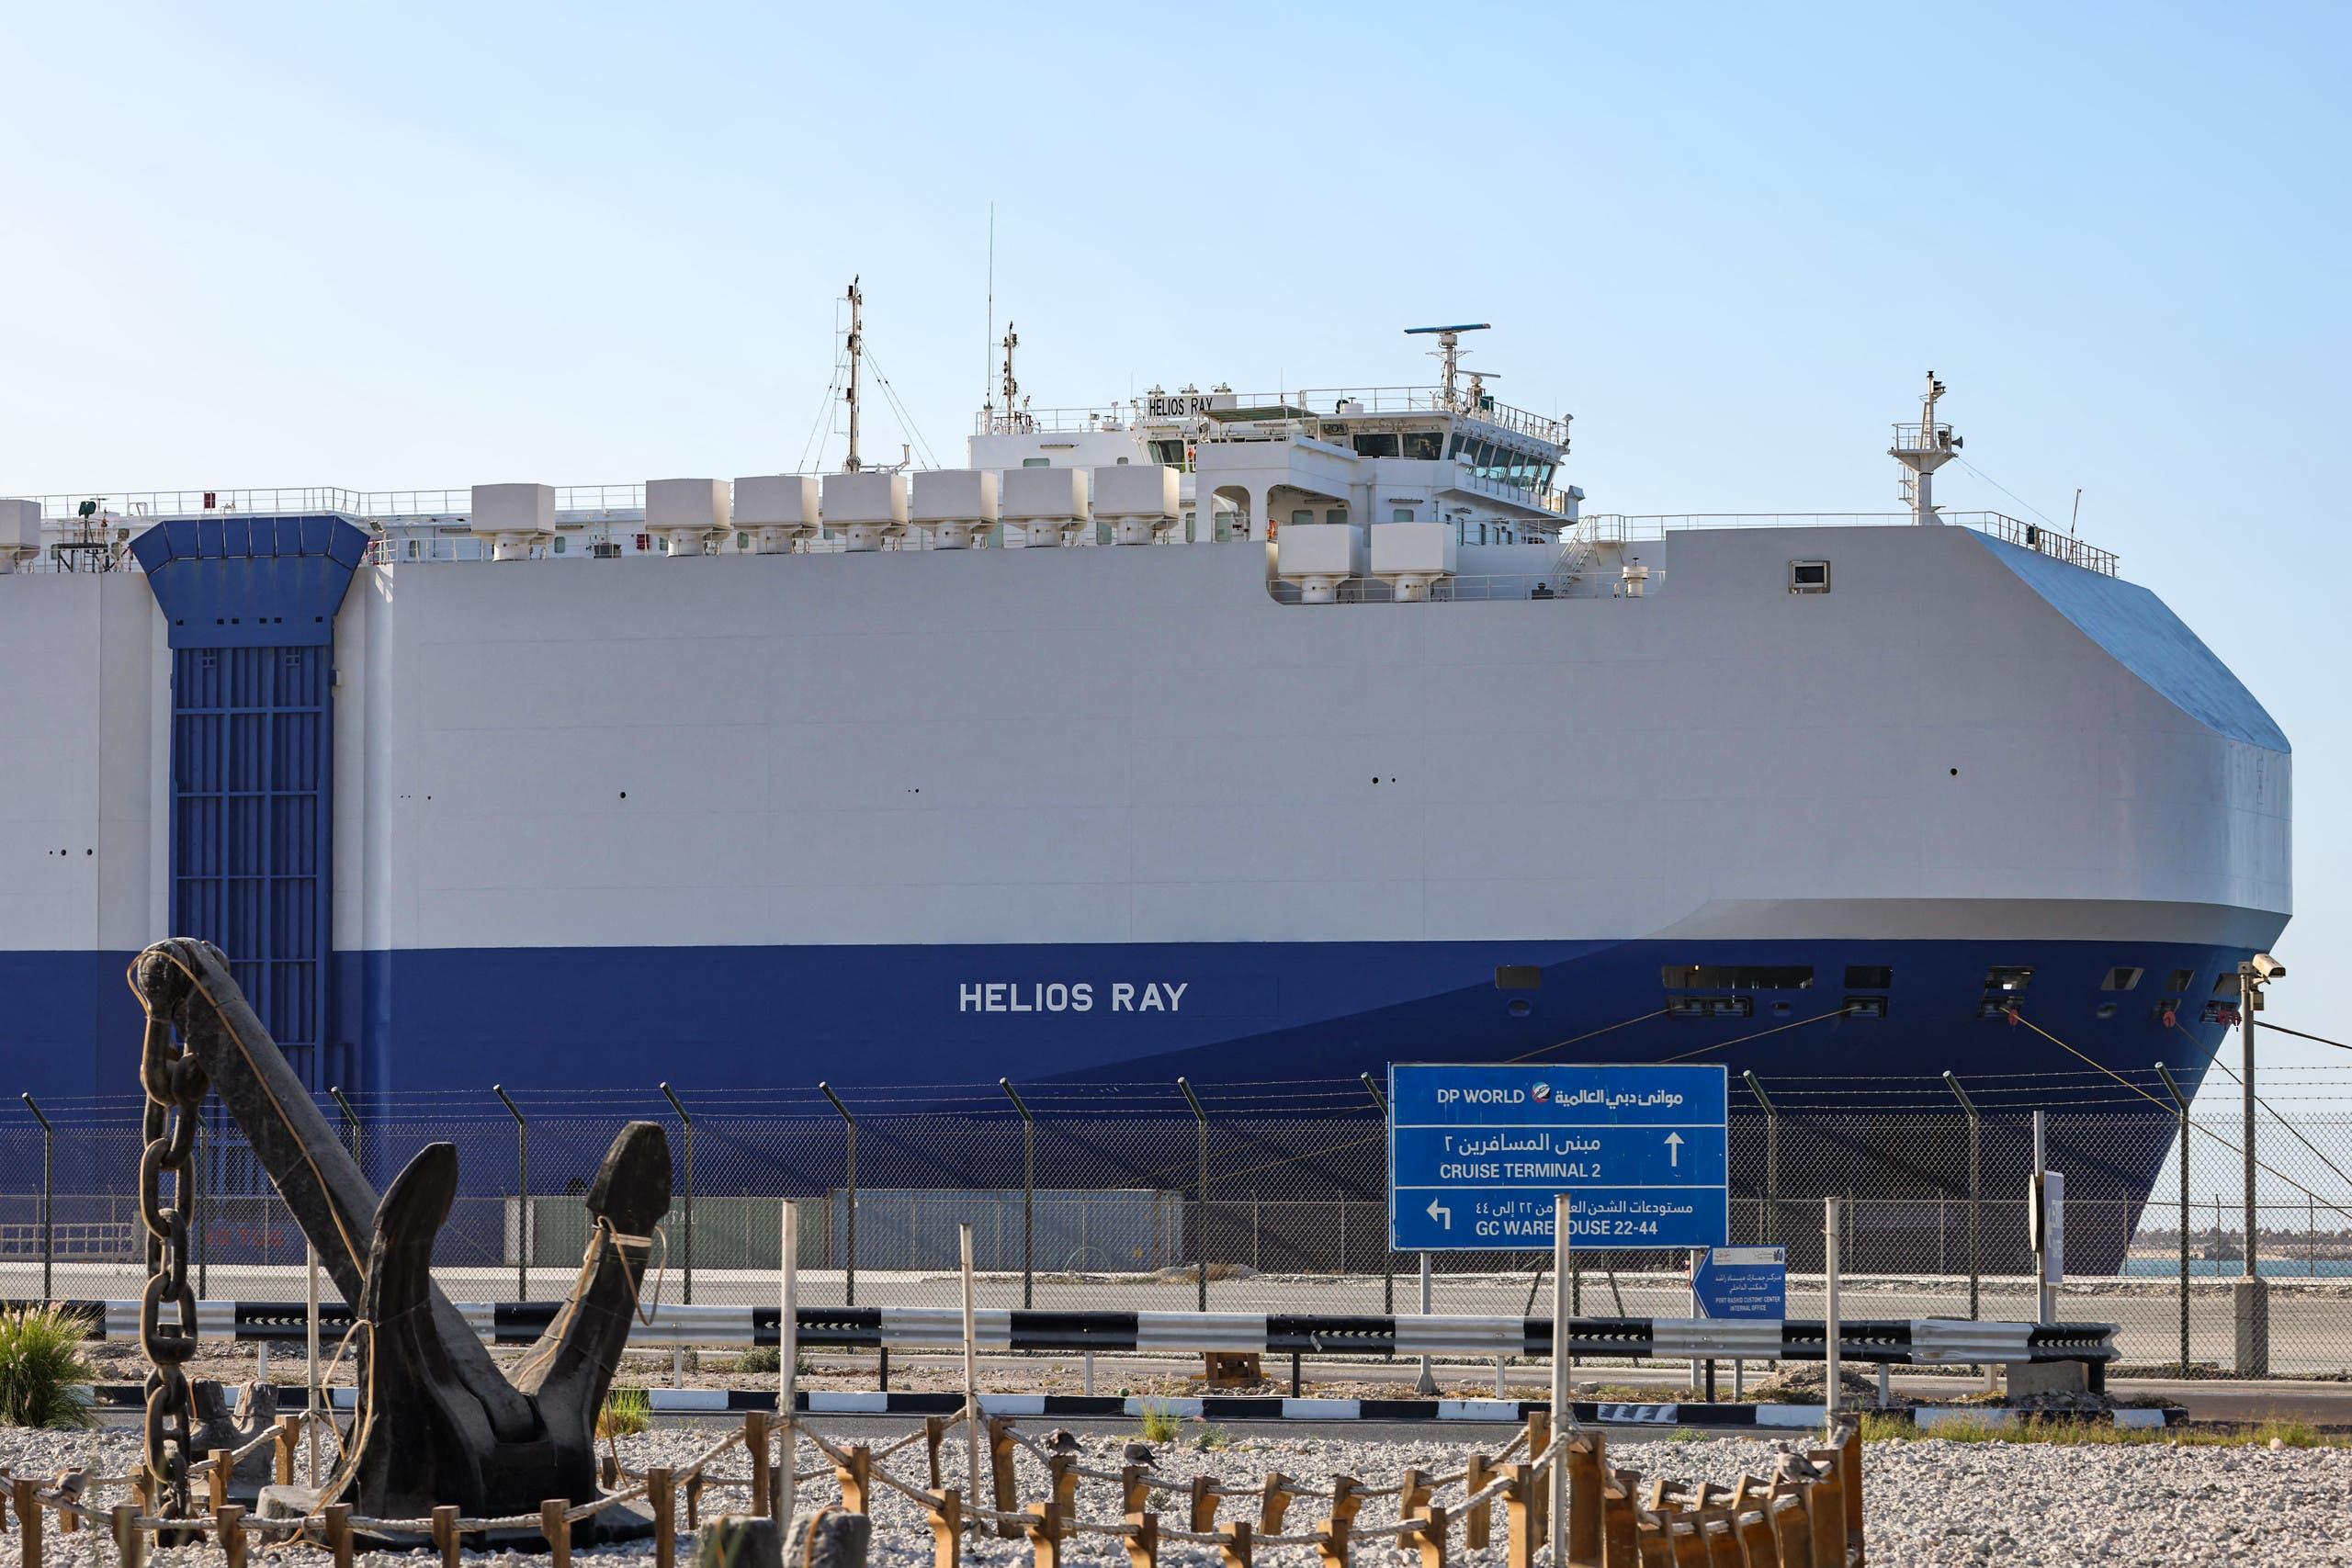 """السفينة """"إم في هيليوس راي"""""""" بعد رسوها في دبي إثر الانفجار الذي طالها"""